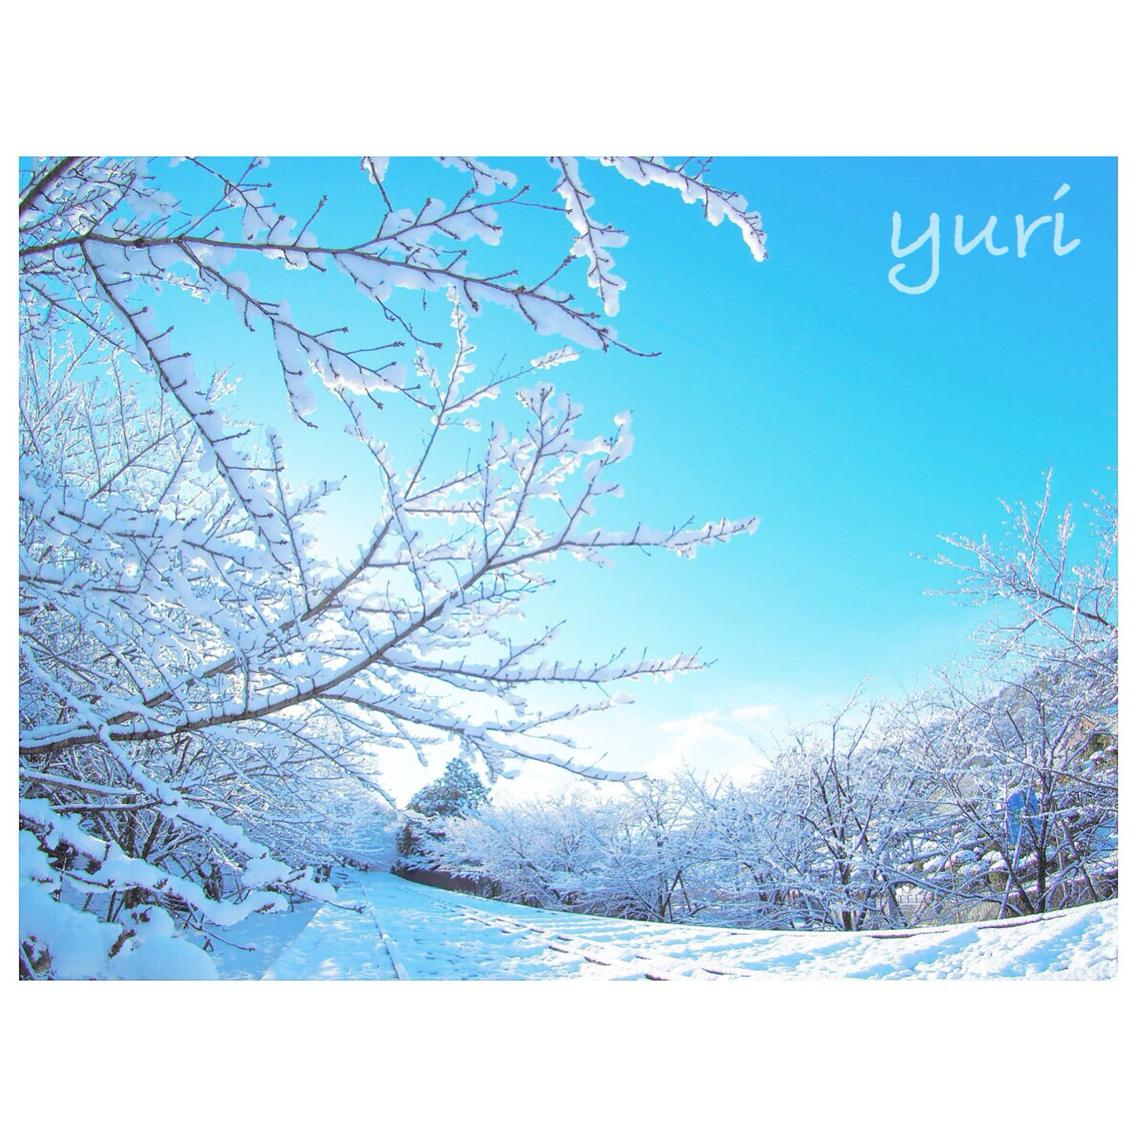 京都の雪景色穴場スポット!蹴上インクラインに行ってきた